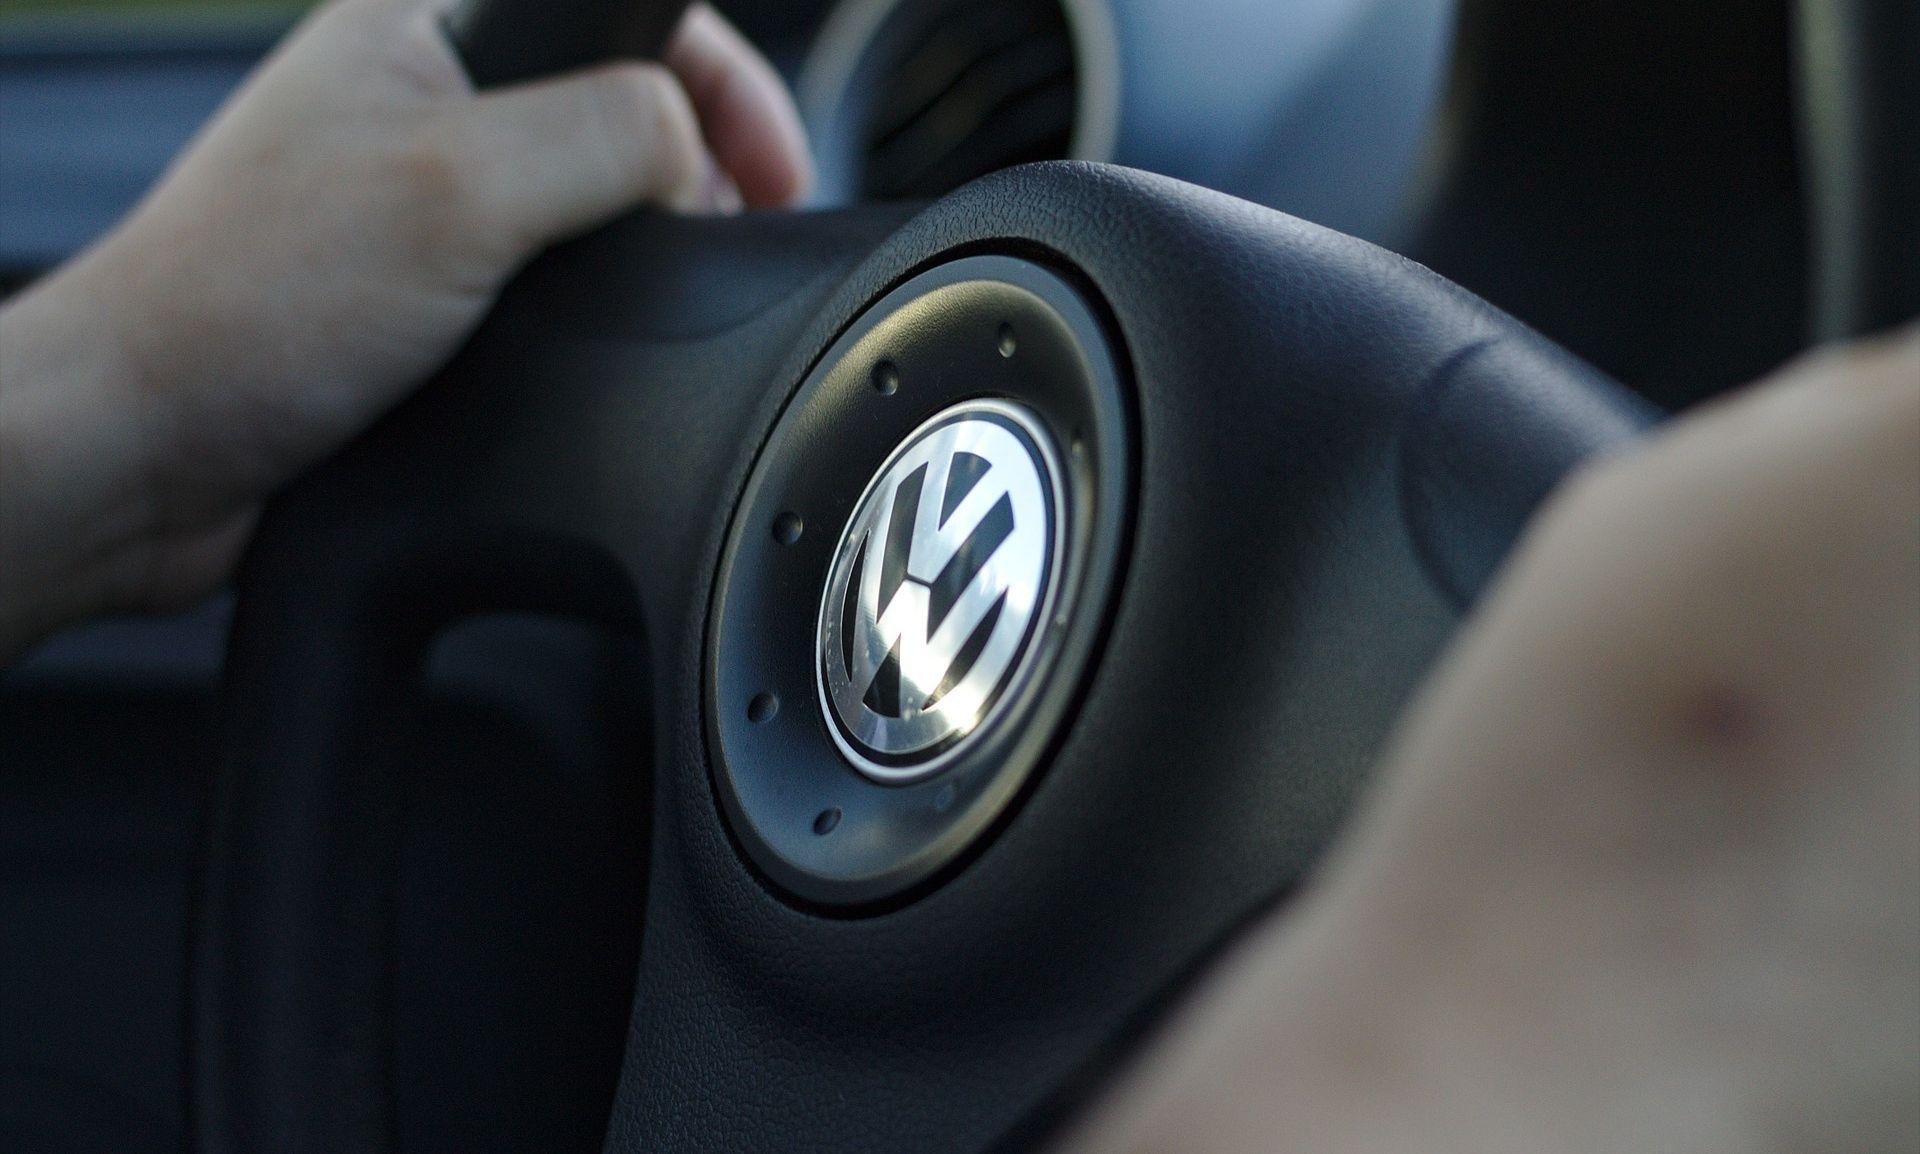 TONU CIJENE DIONICA Volkswagen priznao ugradnju spornih uređaja za varanje na eko testu